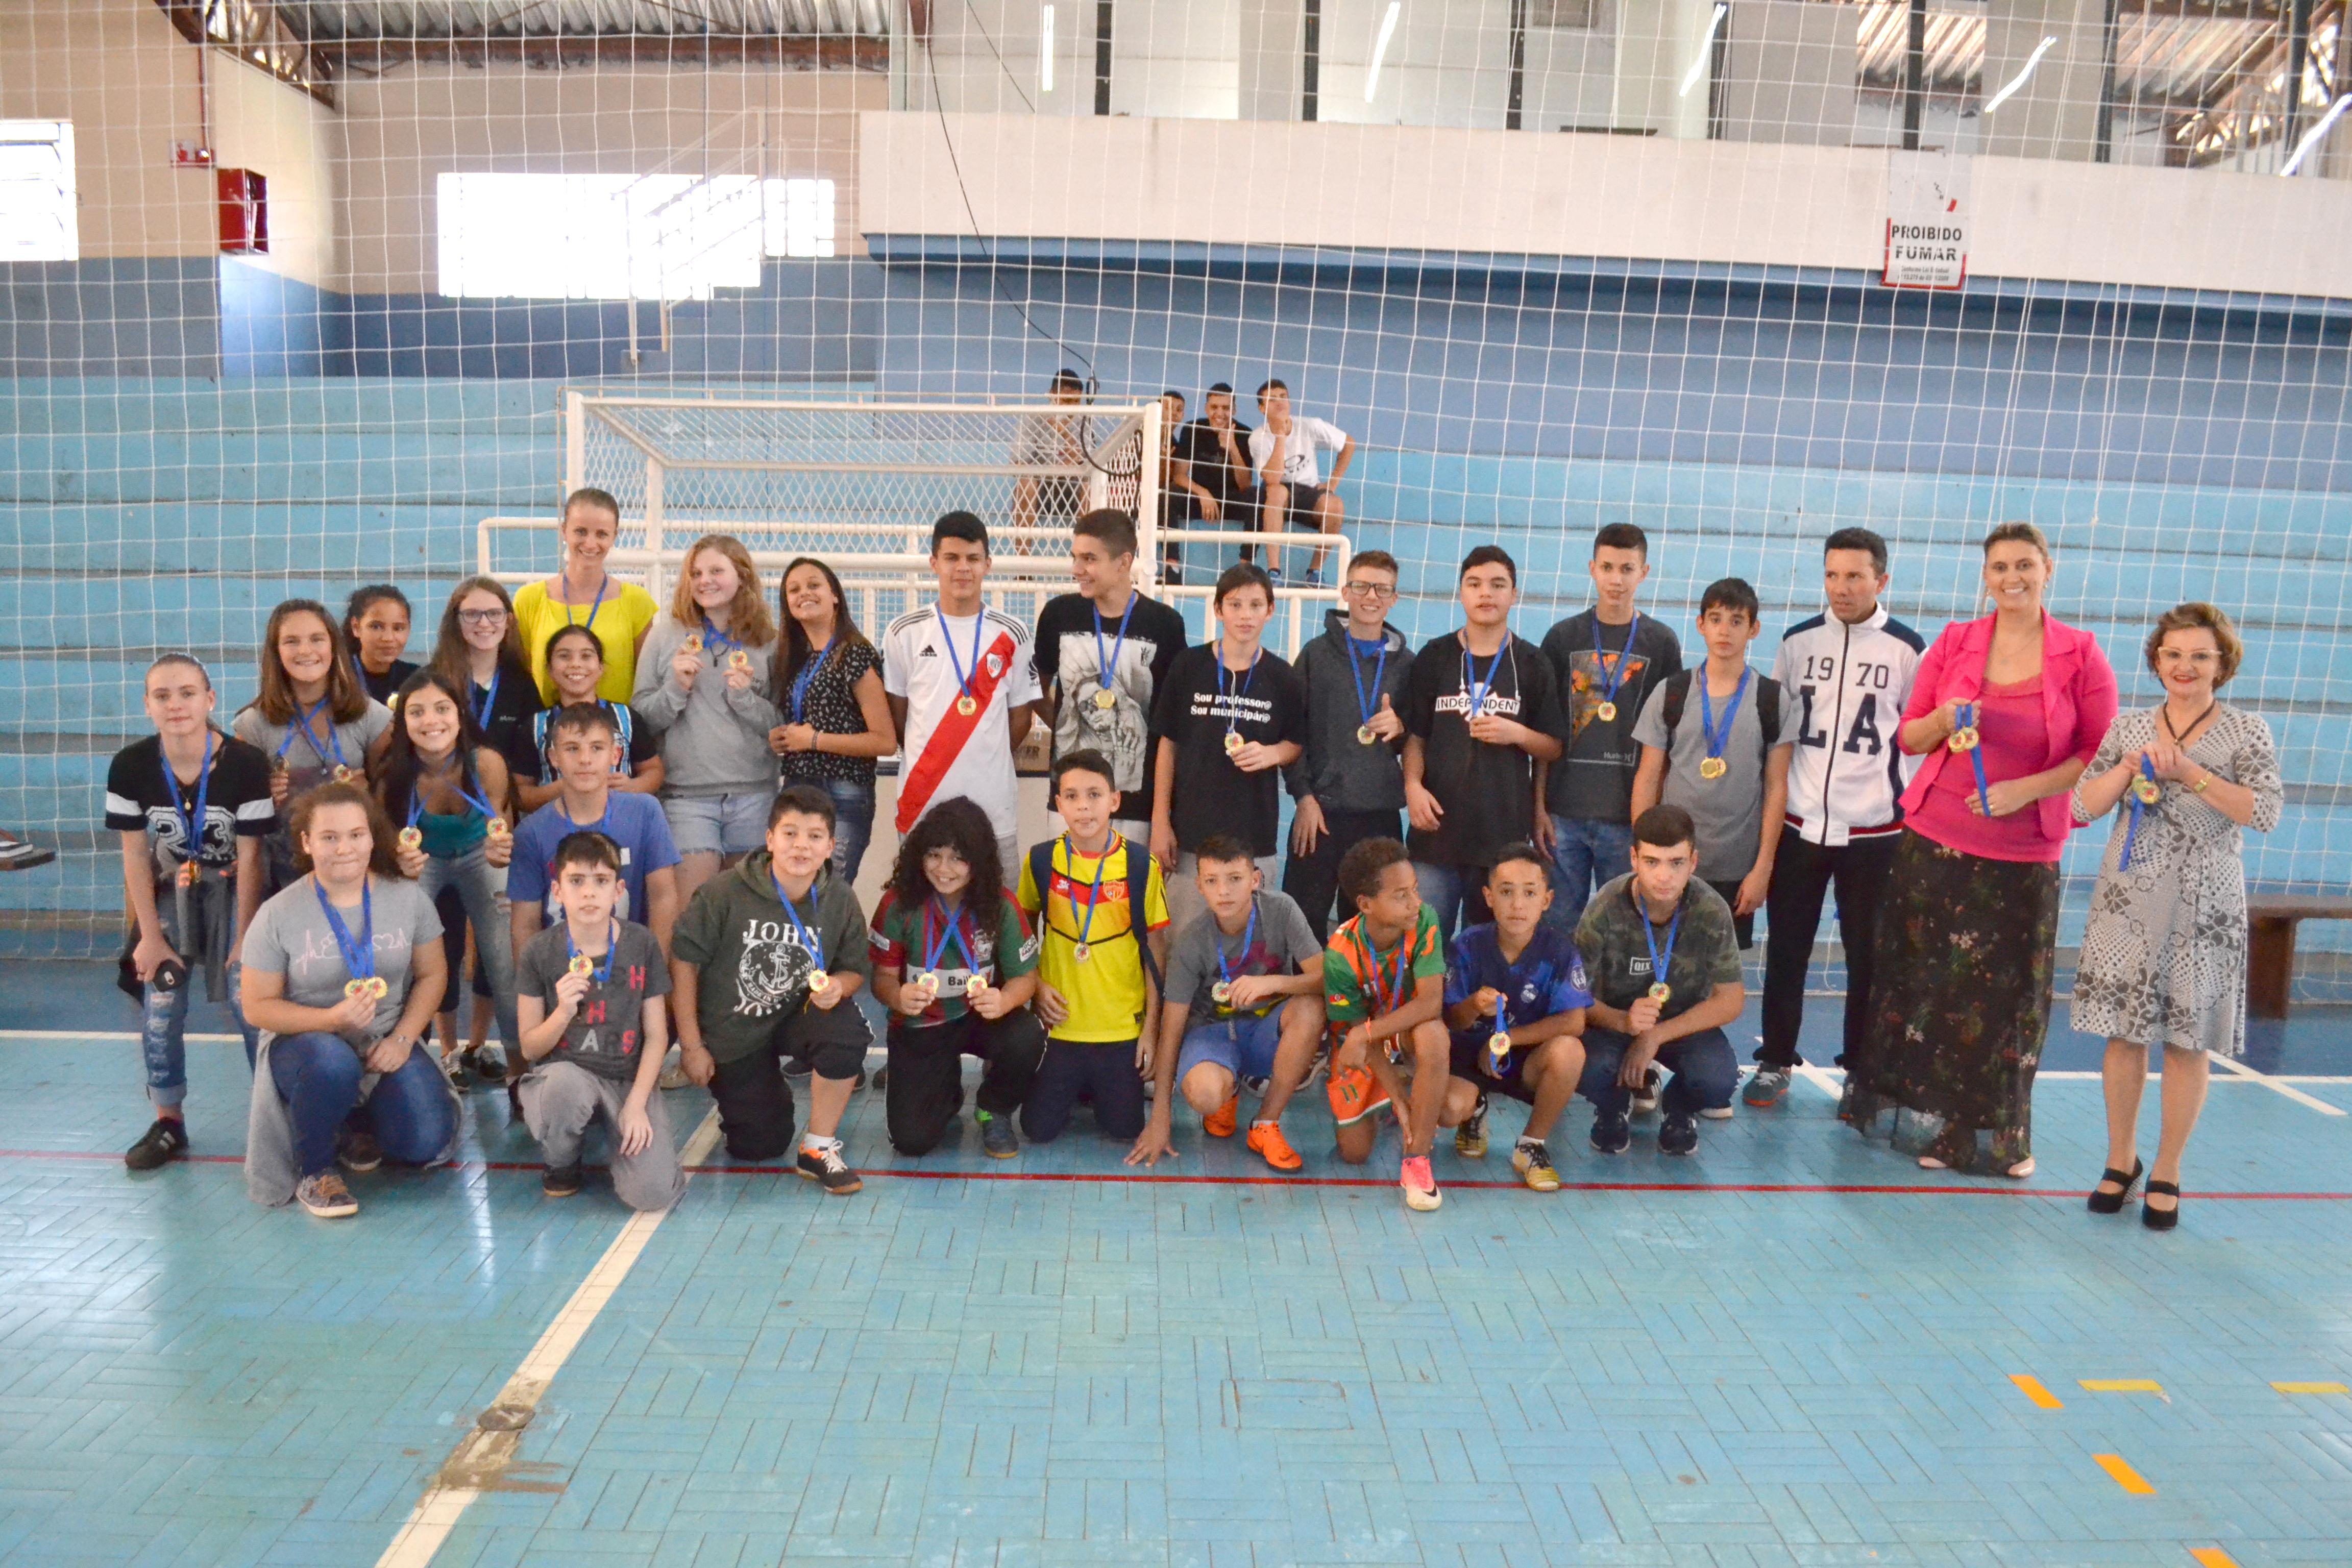 Vencedores do Jergs recebem medalhas